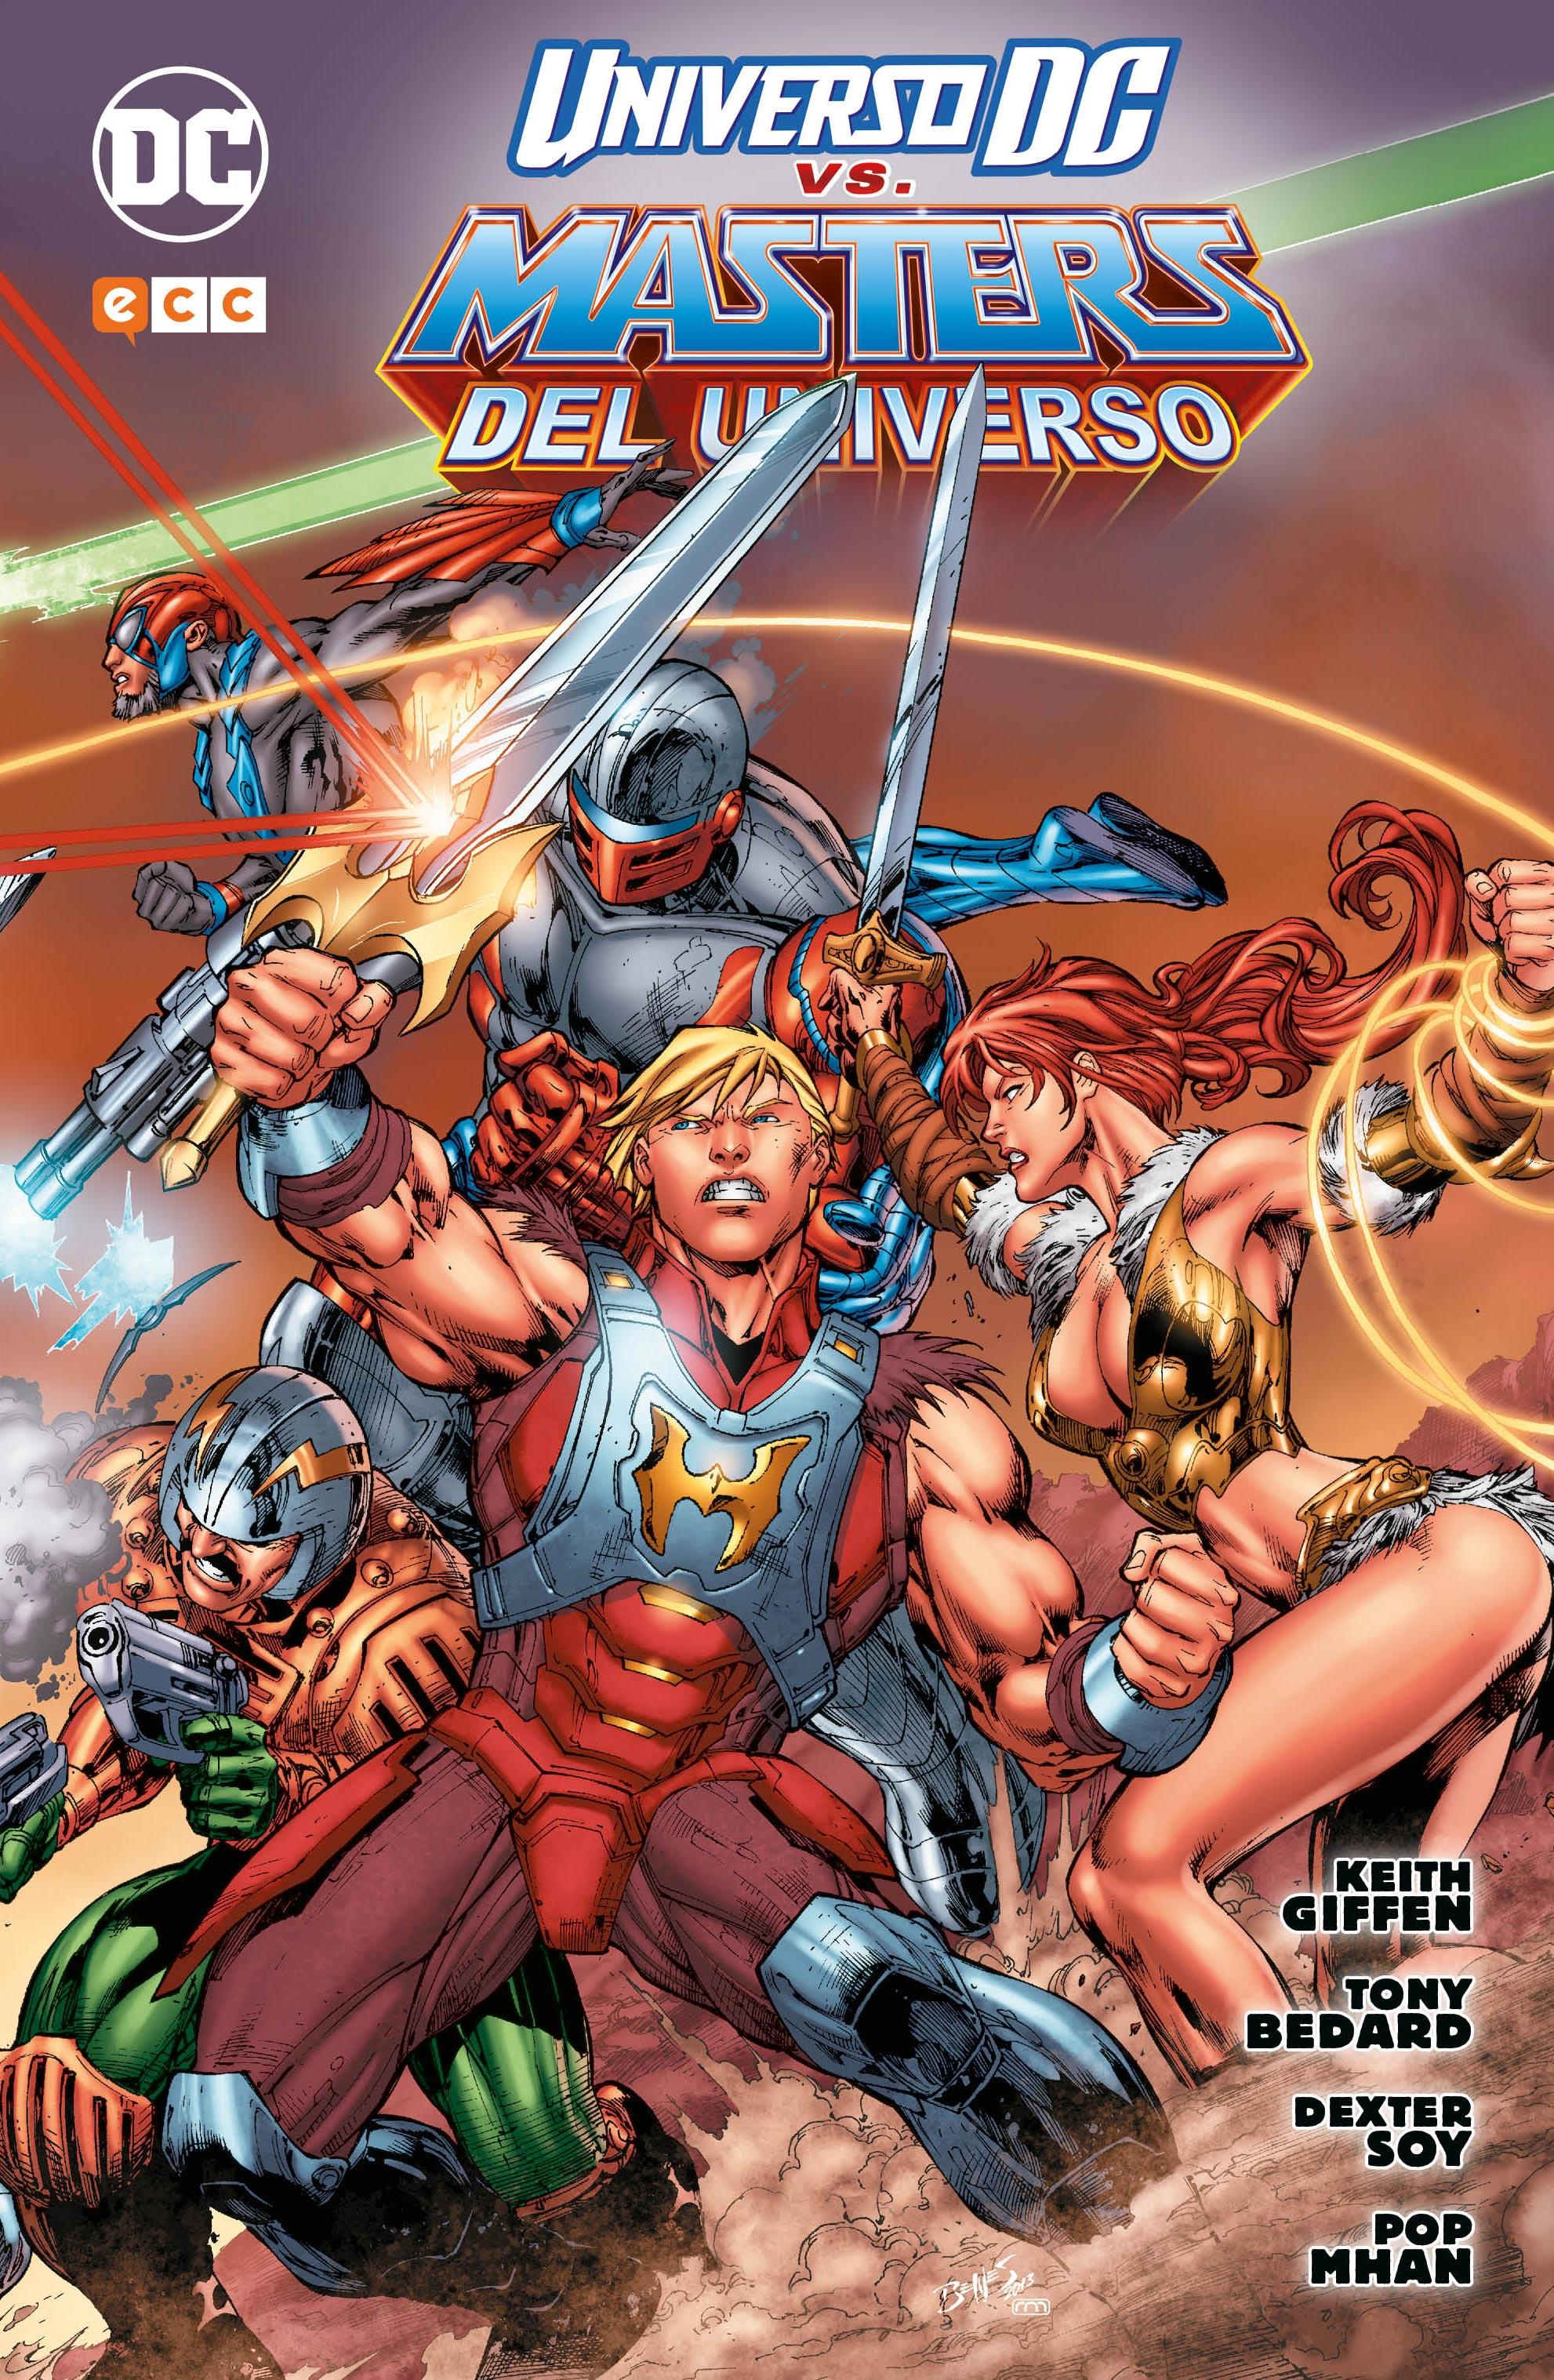 El Universo DC contra Los Masters del Universo